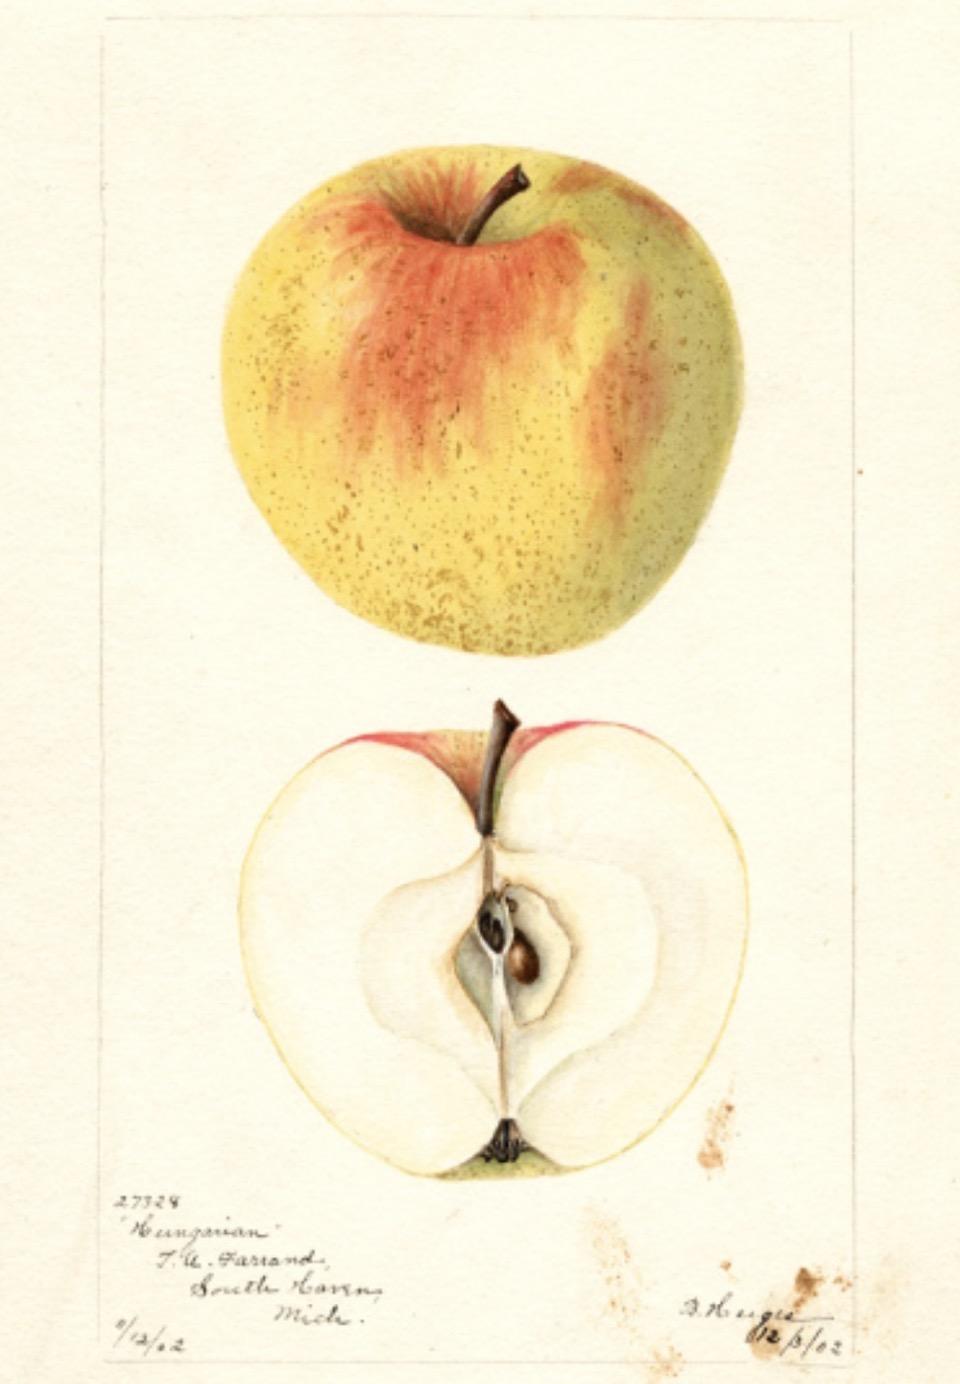 Historische Abbildung eines gelb-rötlichen und eines aufgeschnittenen Apfels; USDA